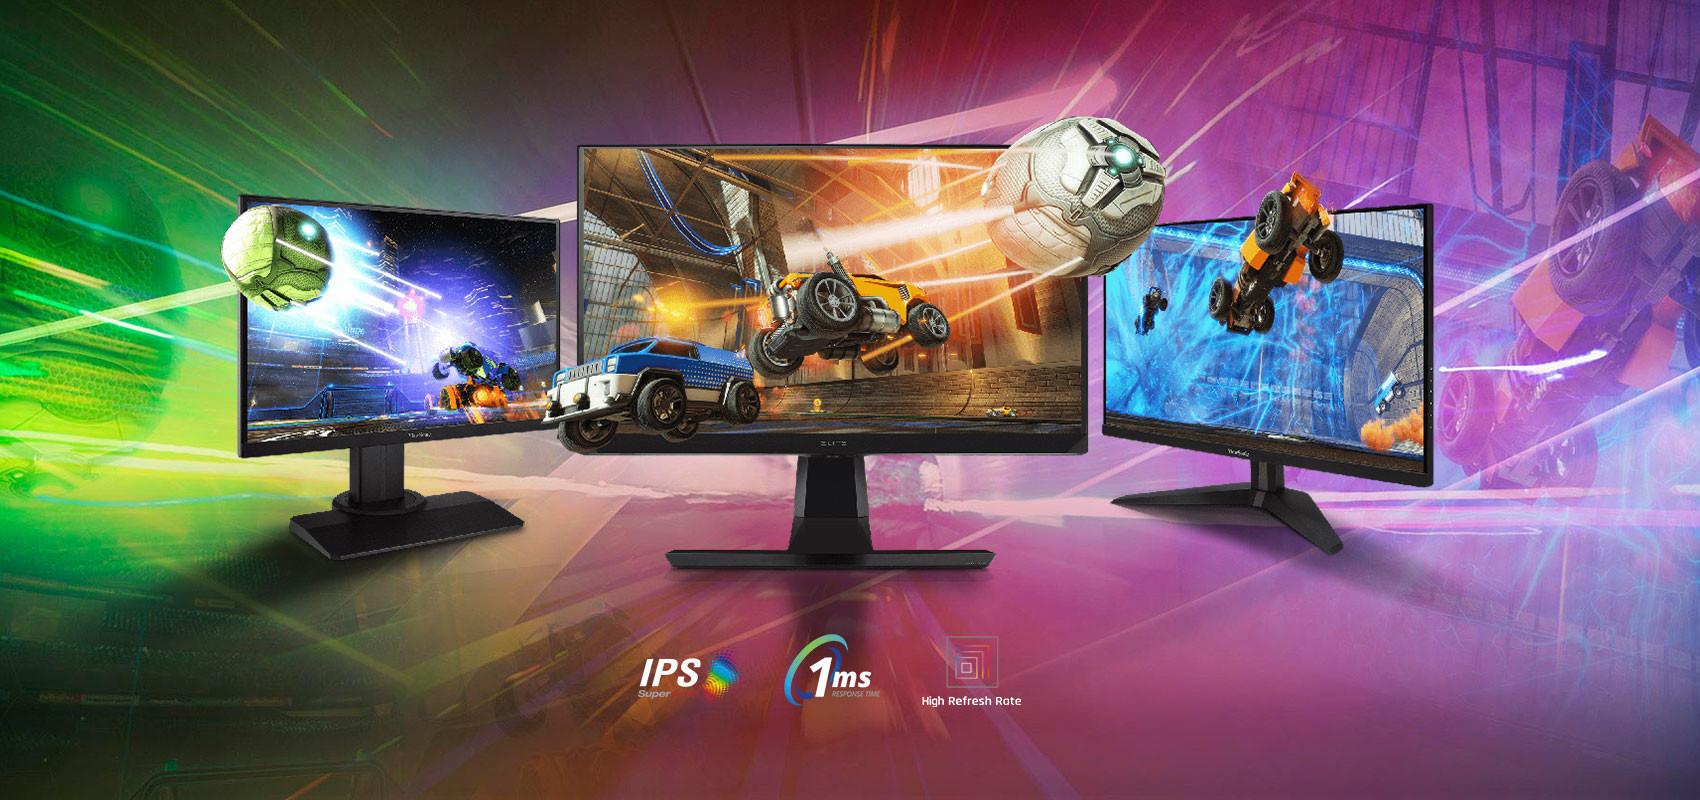 ViewSonic IPS Gaming Monitor Line